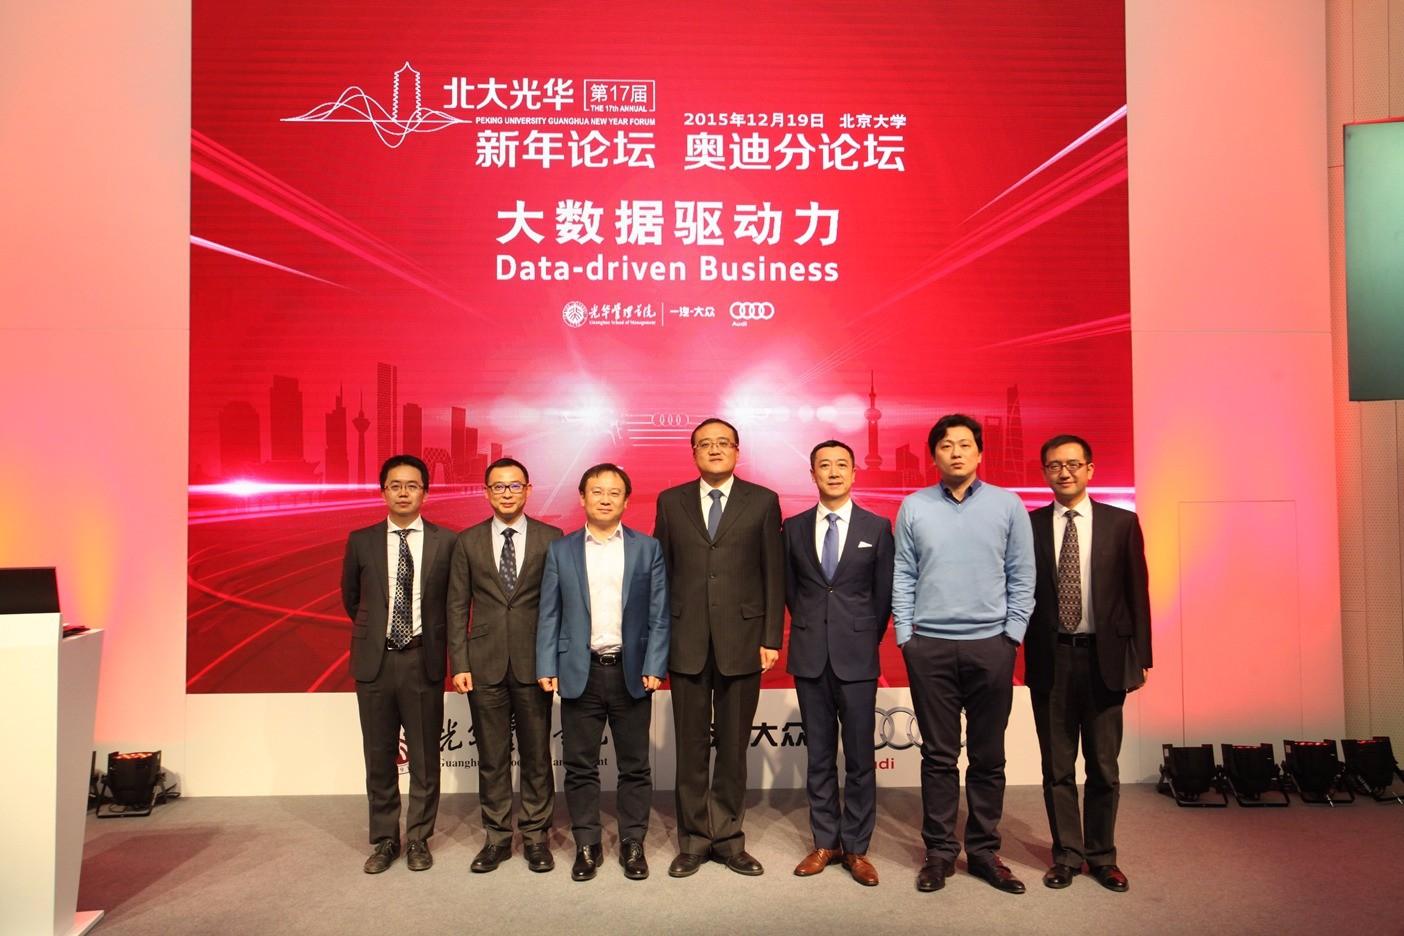 北京大学光华管理学院EMBA论坛-第十四届北大光华新年论坛高峰对话